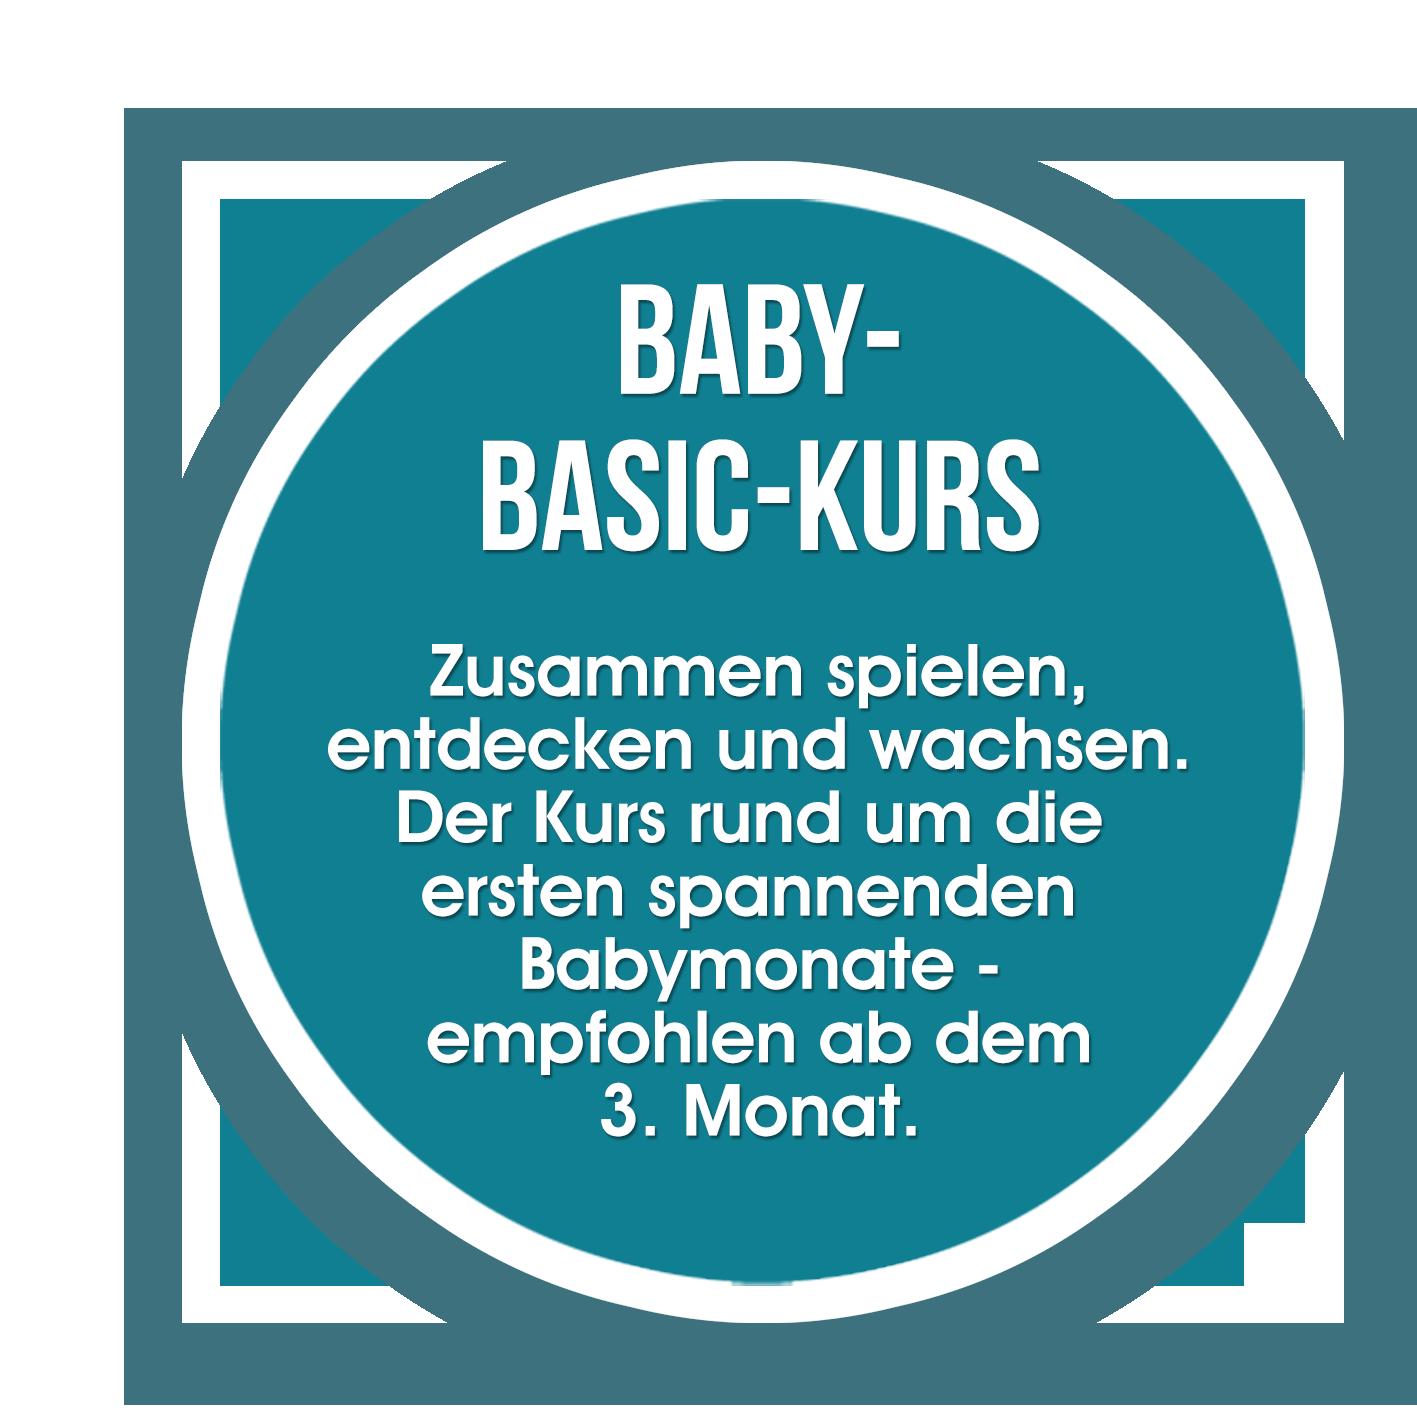 Baby-Basic-Kurs.png